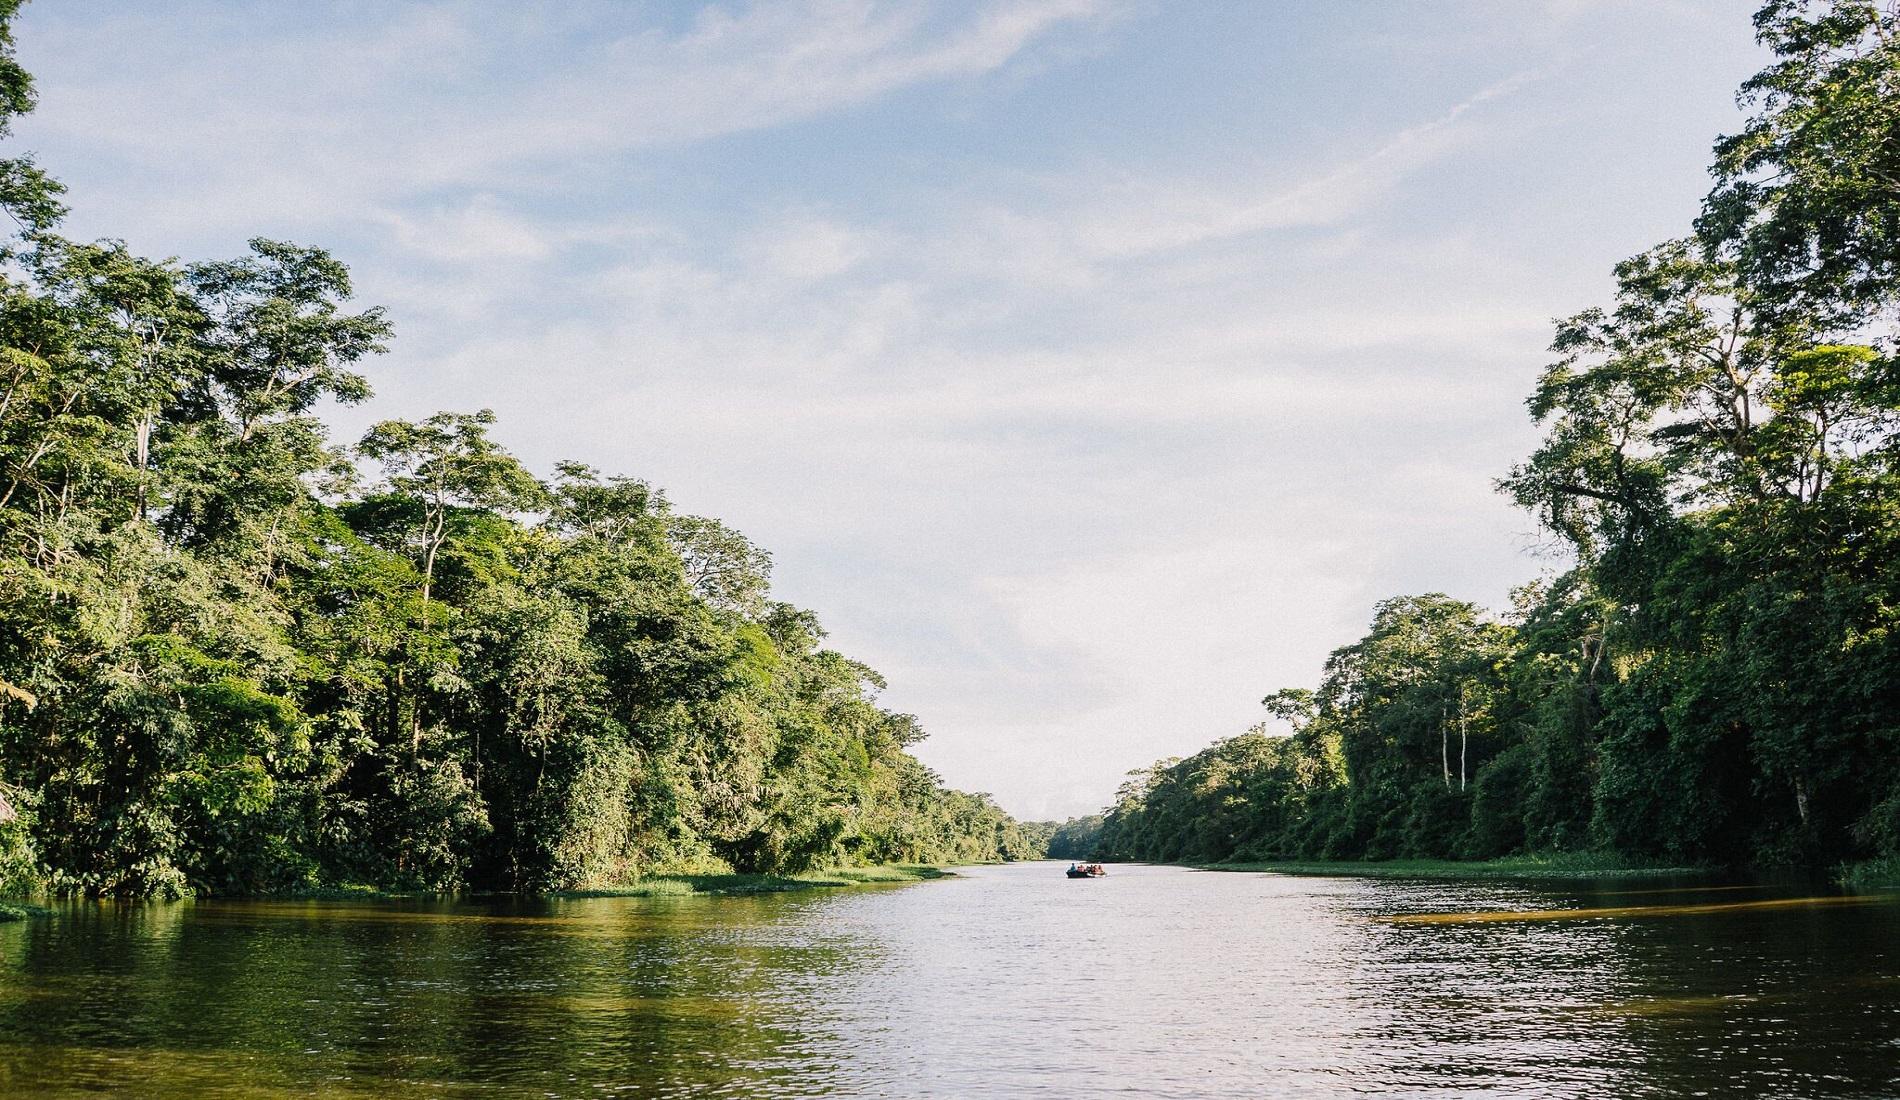 combinatiereis costa rica en nicaragua tortuguero